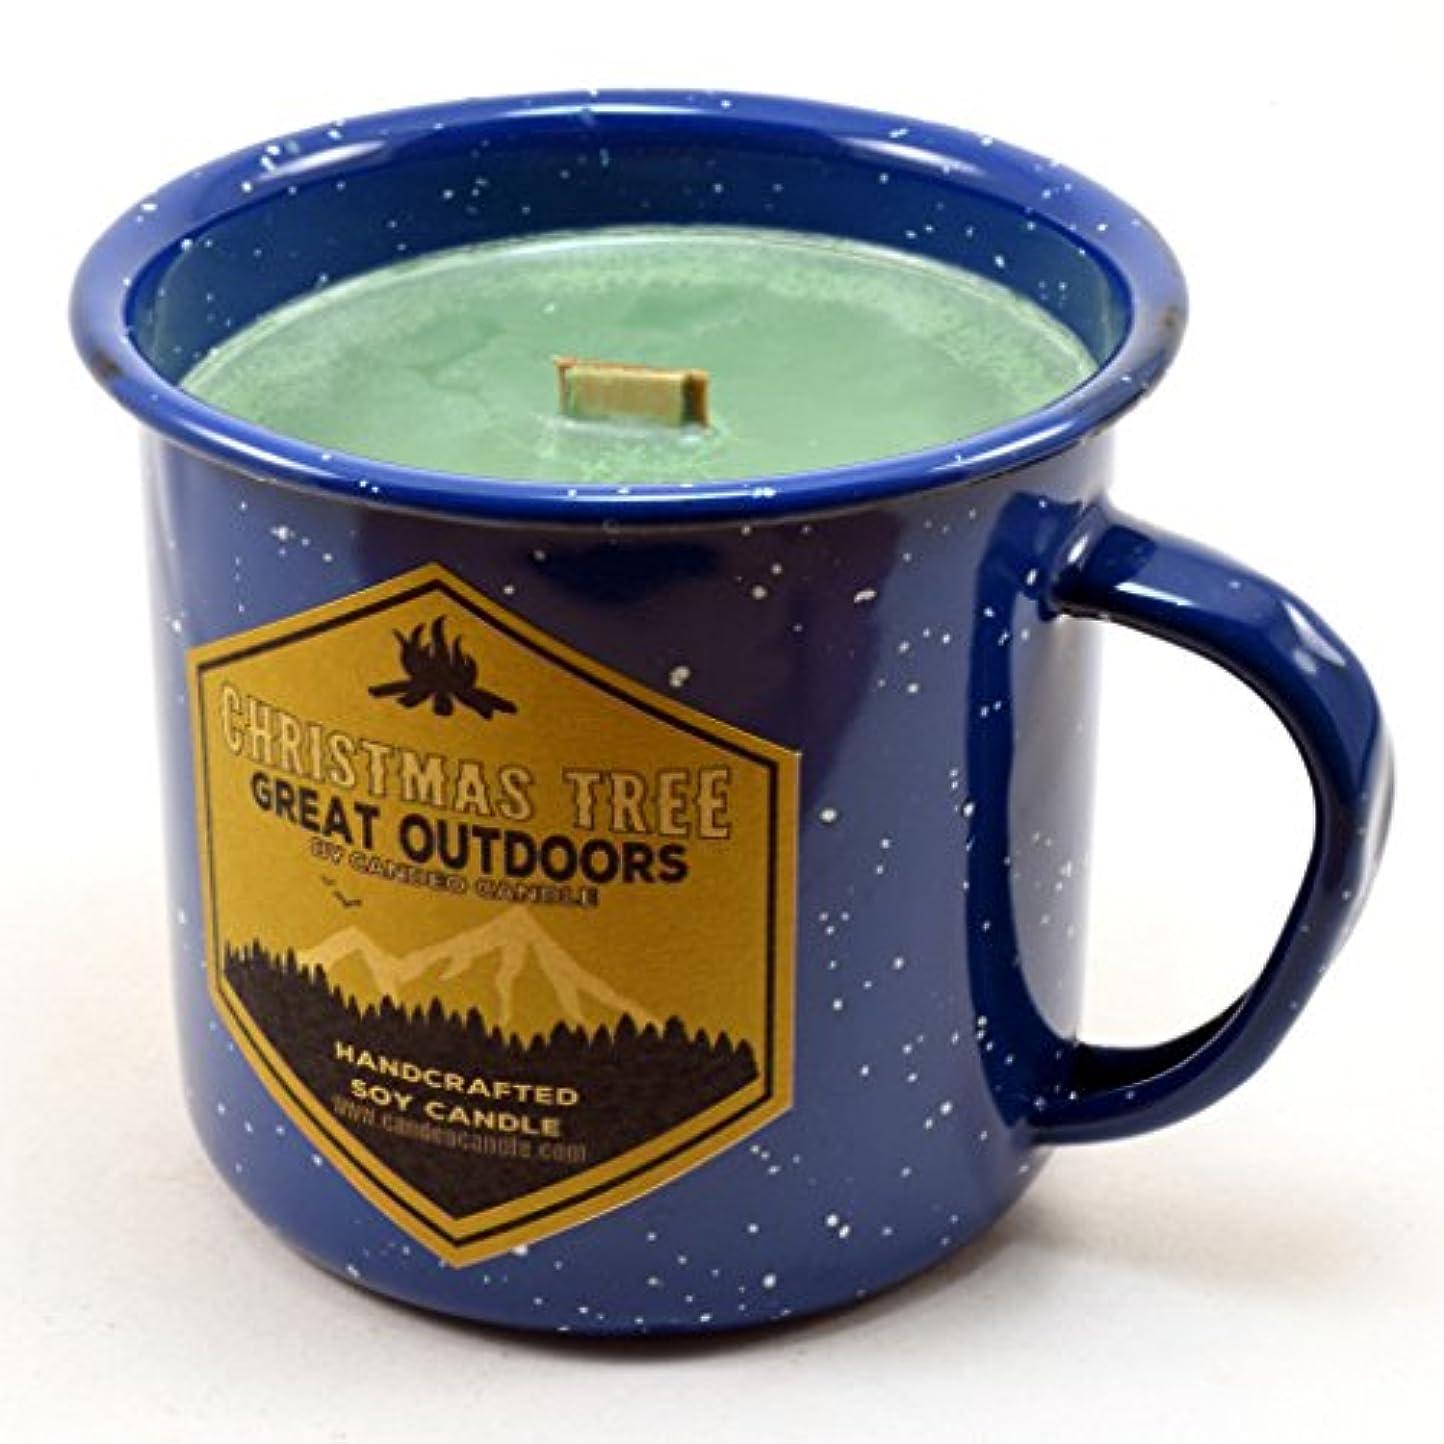 誘惑財団リークリスマスツリーウッド芯Soy Candle in anエナメルキャンプマグカップ、10オンス